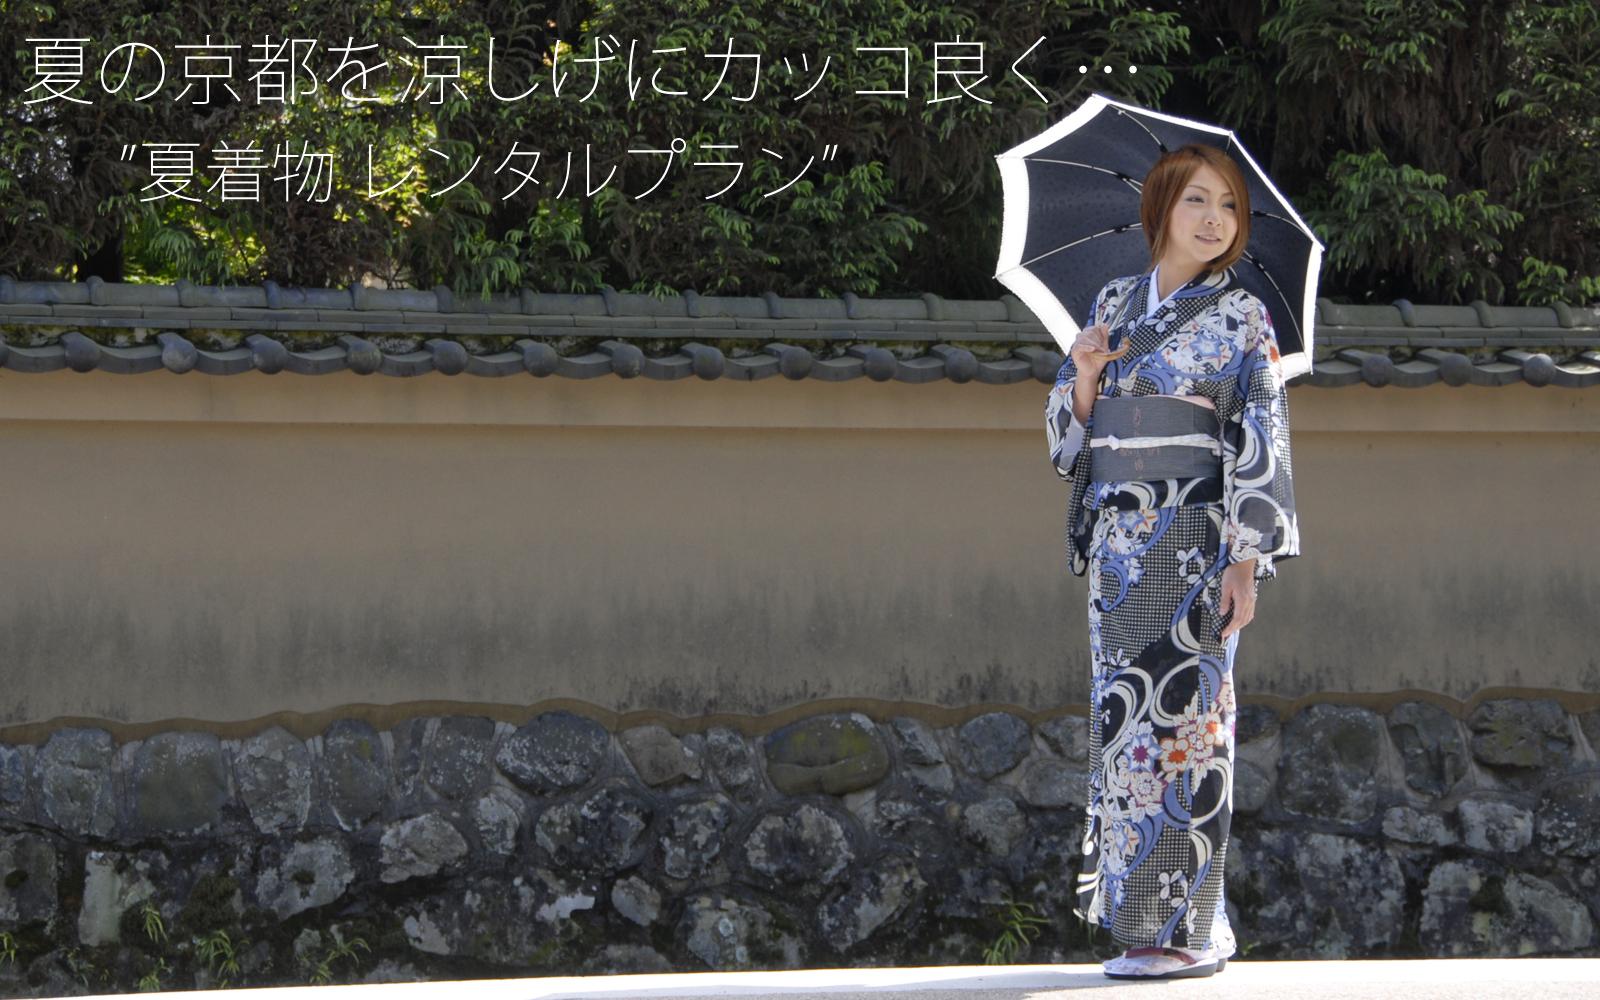 夏の京都を涼しげにカッコよく「夏着物レンタルプラン」